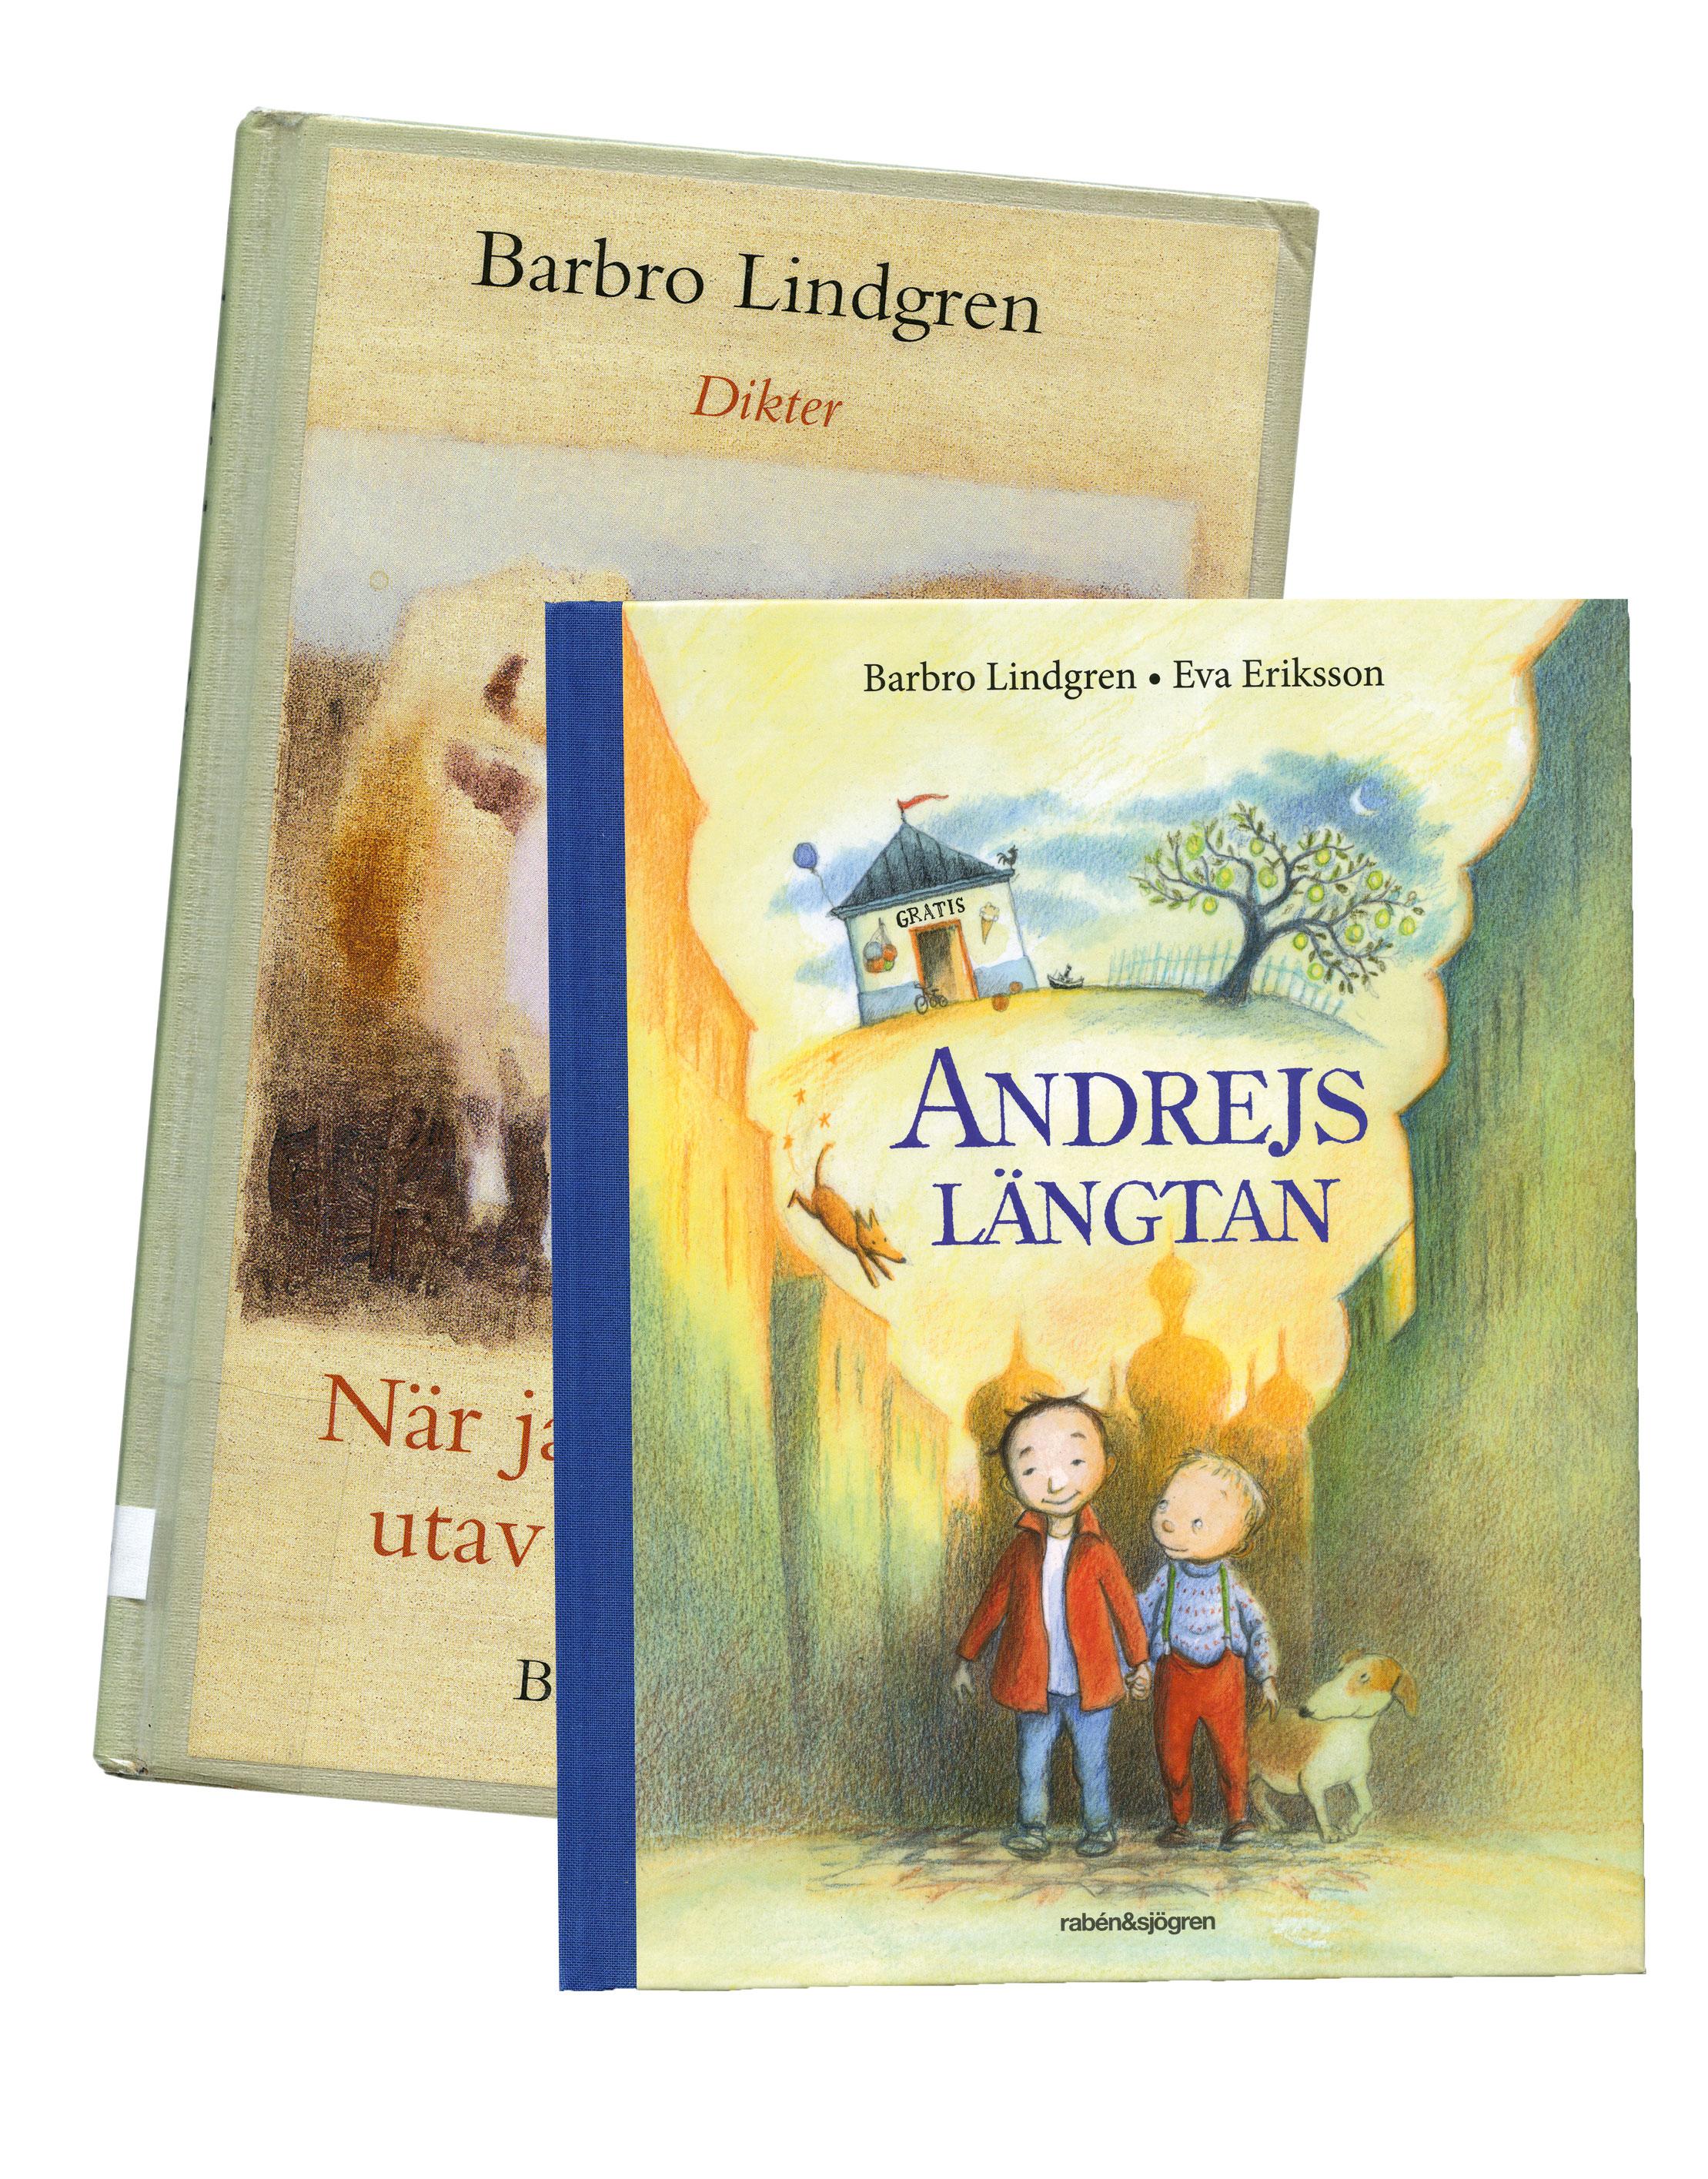 Barbro Lindgrens bästa böcker.